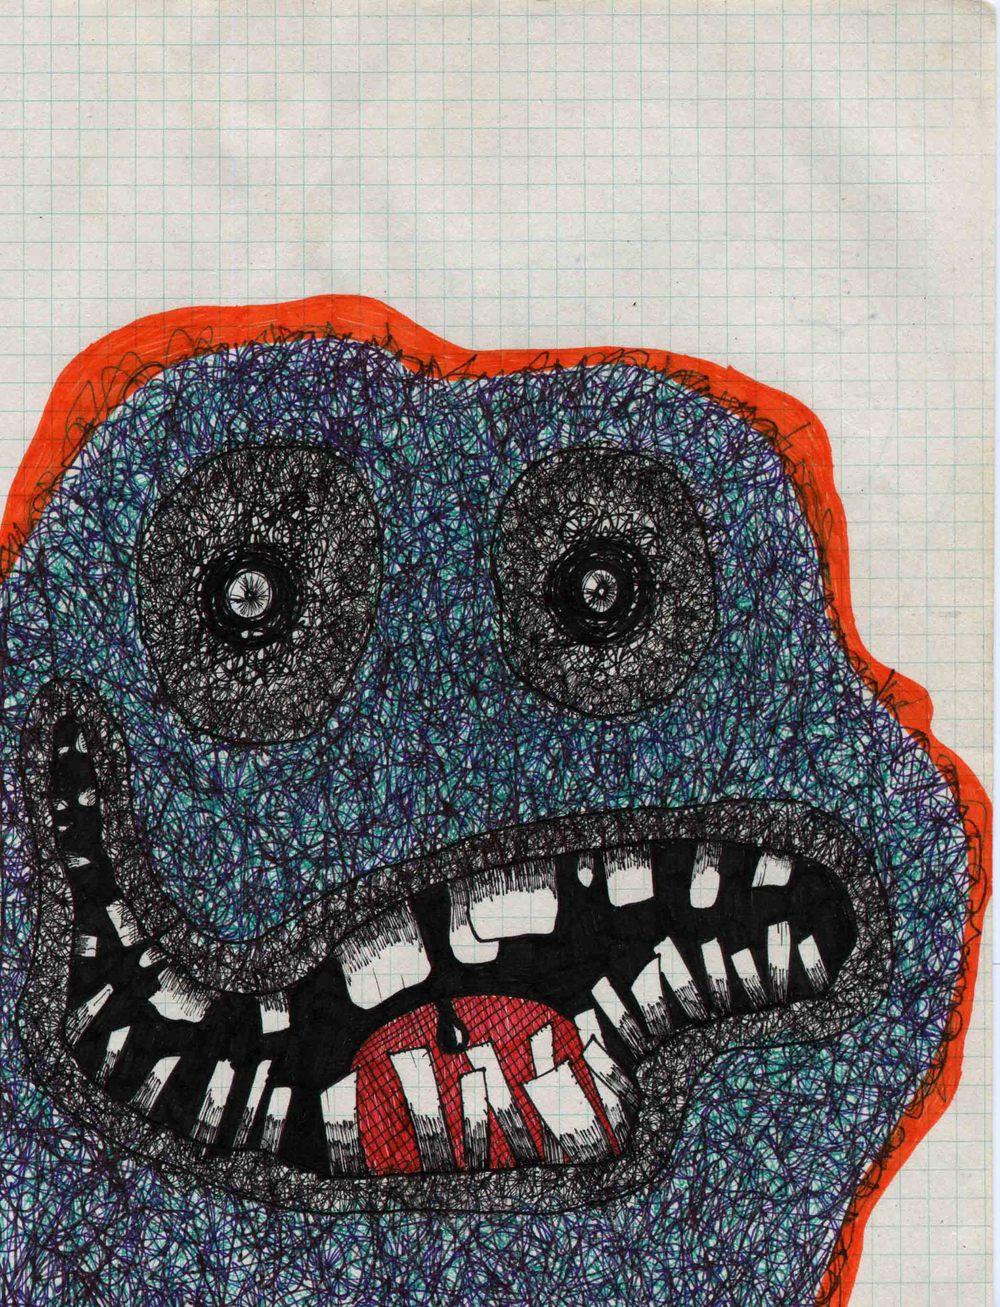 Monster Face 2 b.jpg